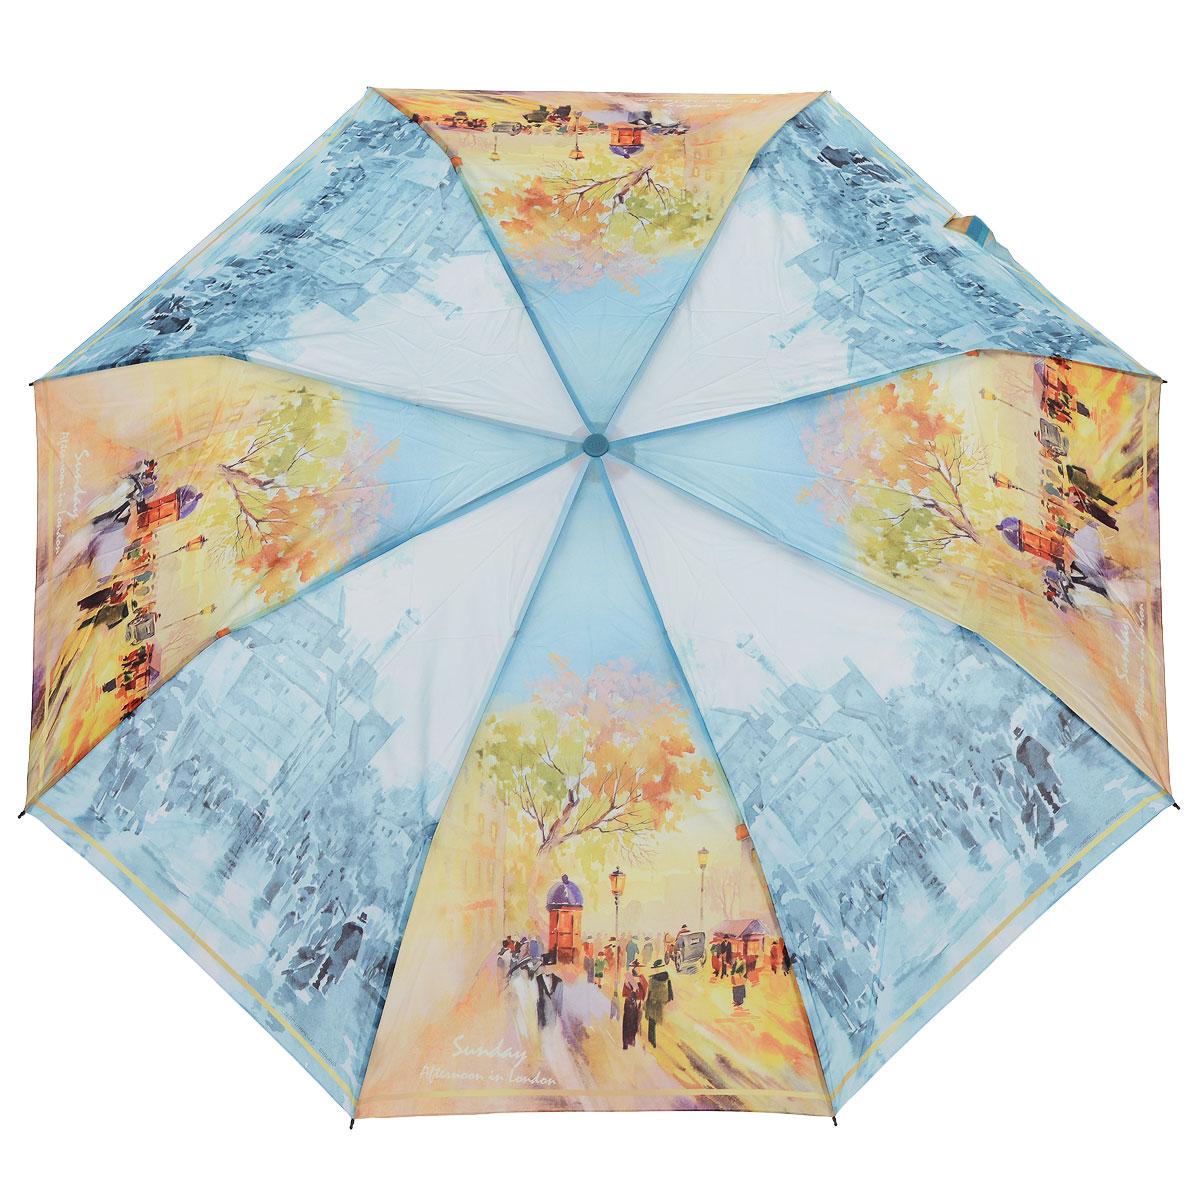 Зонт женский Zest, автомат, 3 сложения. 239555-18239555-18Женский автоматический зонт Zest в 3 сложения даже в ненастную погоду позволит вам оставаться стильной и элегантной. Каркас зонта состоит из 8 спиц из фибергласса и стали и прочного алюминиевого стержня. Специальная система Windproof защищает его от поломок во время сильных порывов ветра. Купол зонта выполнен из прочного полиэстера с водоотталкивающей пропиткой и оформлен оригинальным изображением улиц Парижа осенью. Используемые высококачественные красители, а также покрытие Teflon обеспечивают длительное сохранение свойств ткани купола. Рукоятка, разработанная с учетом требований эргономики, выполнена из приятного на ощупь прорезиненного пластика голубого цвета. Зонт имеет полный автоматический механизм сложения: купол открывается и закрывается нажатием кнопки на рукоятке, стержень складывается вручную до характерного щелчка, благодаря чему открыть и закрыть зонт можно одной рукой, что чрезвычайно удобно при входе в транспорт или помещение. На рукоятке для удобства...